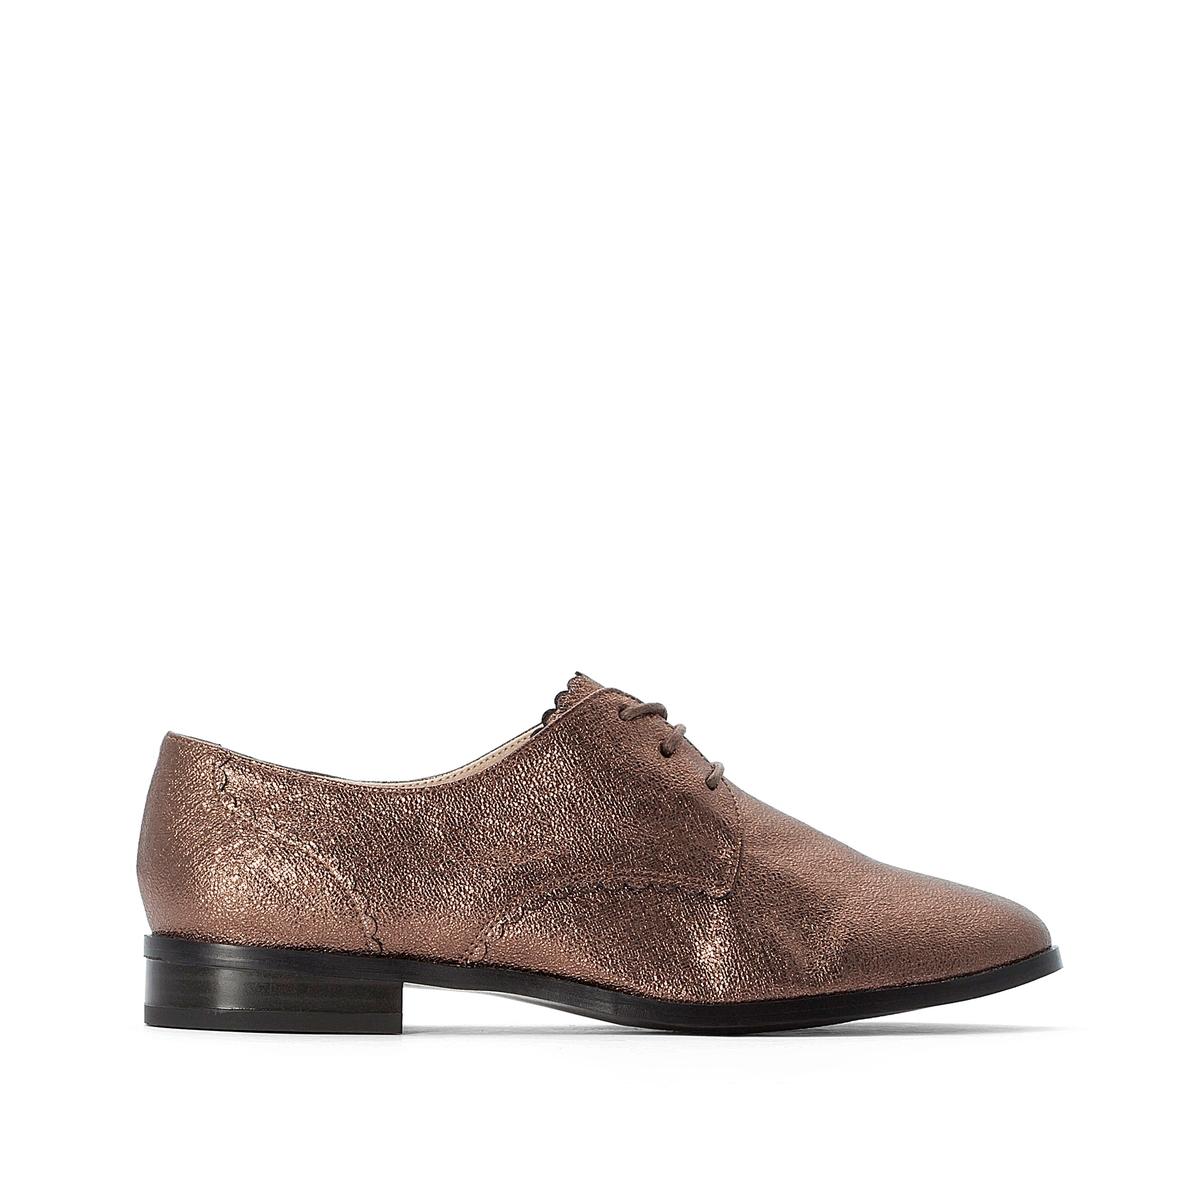 цена Ботинки-дерби La Redoute На плоском каблуке с металлическим блеском 39 каштановый онлайн в 2017 году